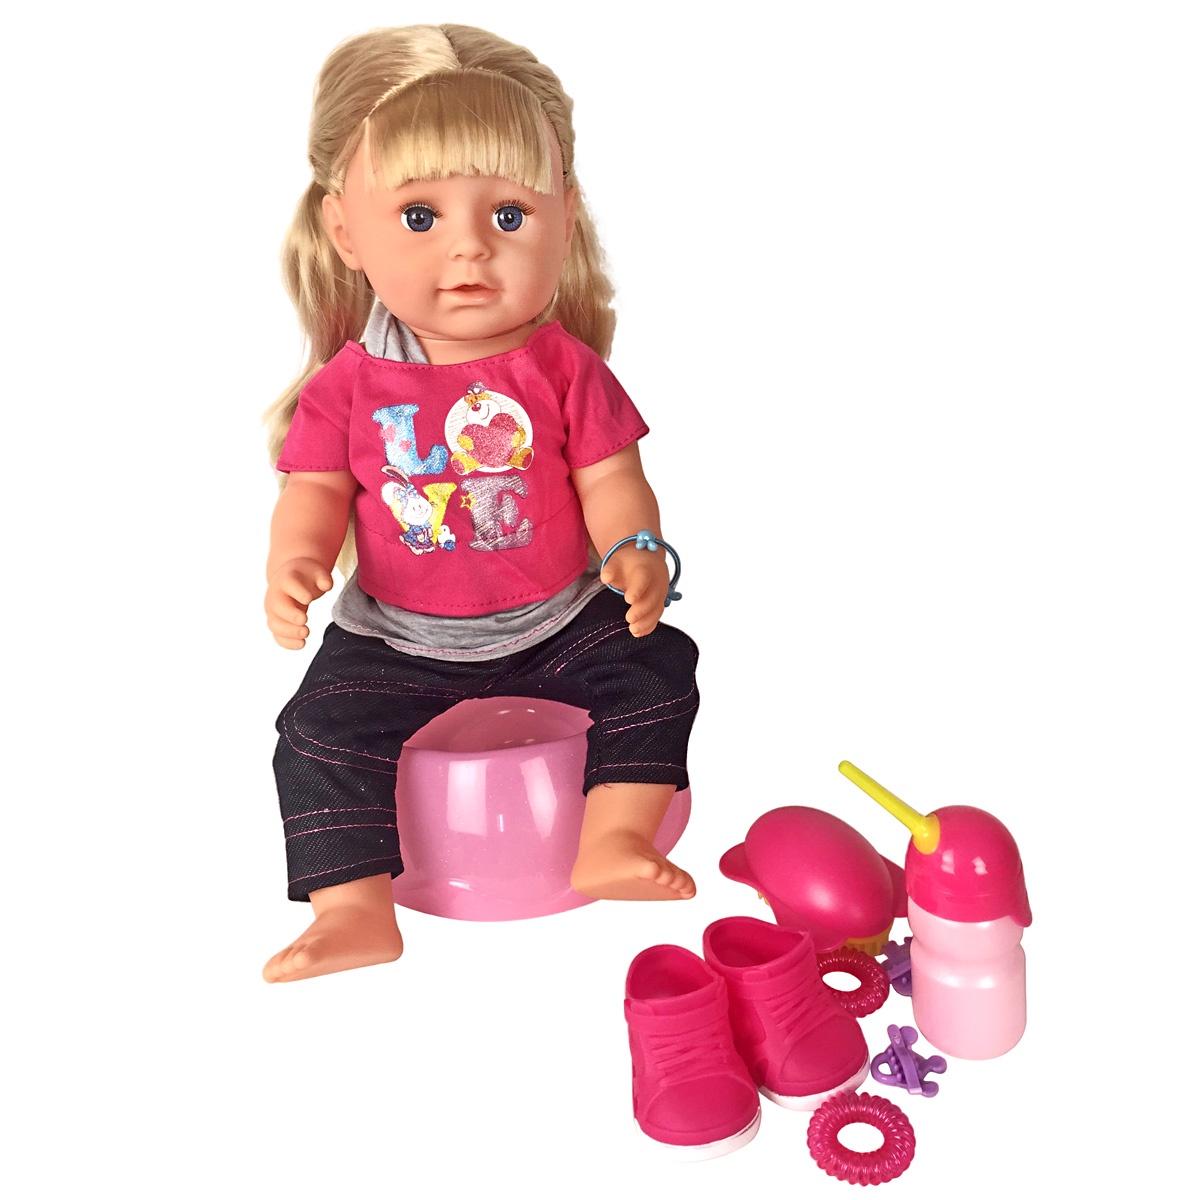 Кукла Lisa Jane Лиза, 46 см, 59490 розовый куклы lisa jane кукла шарнирная света 28 см